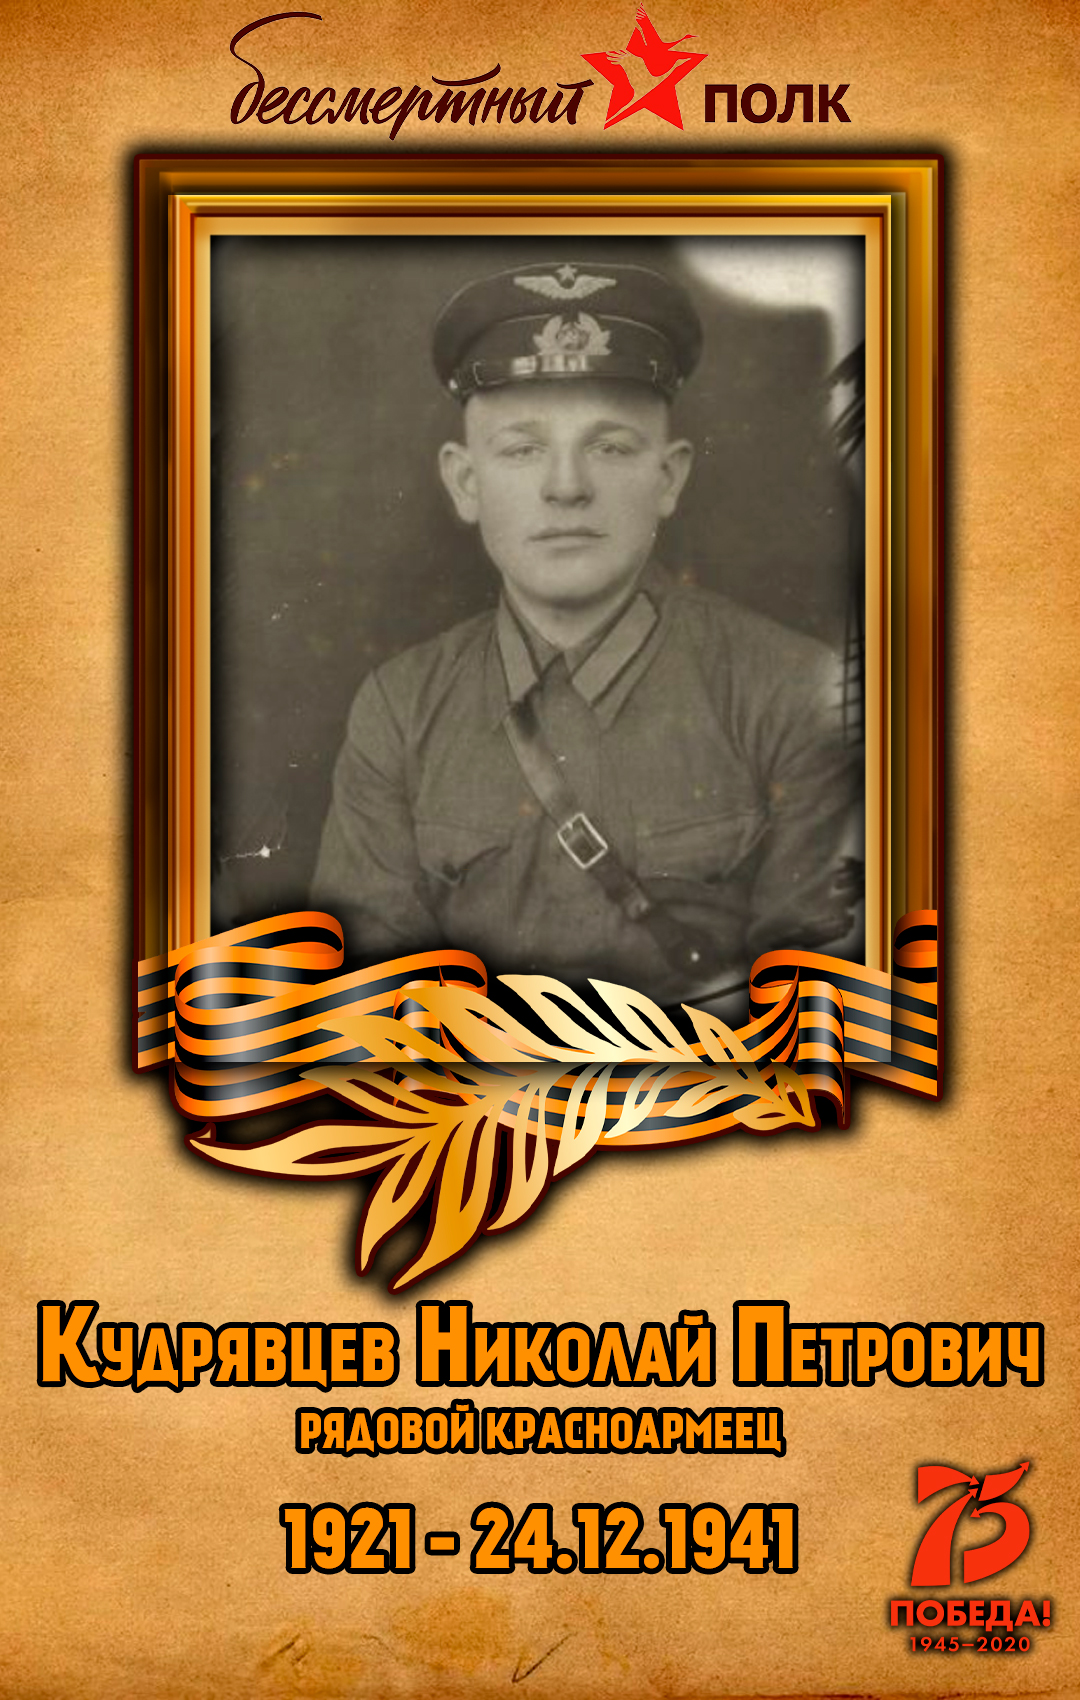 Кудрявцев-Николай-Петрович